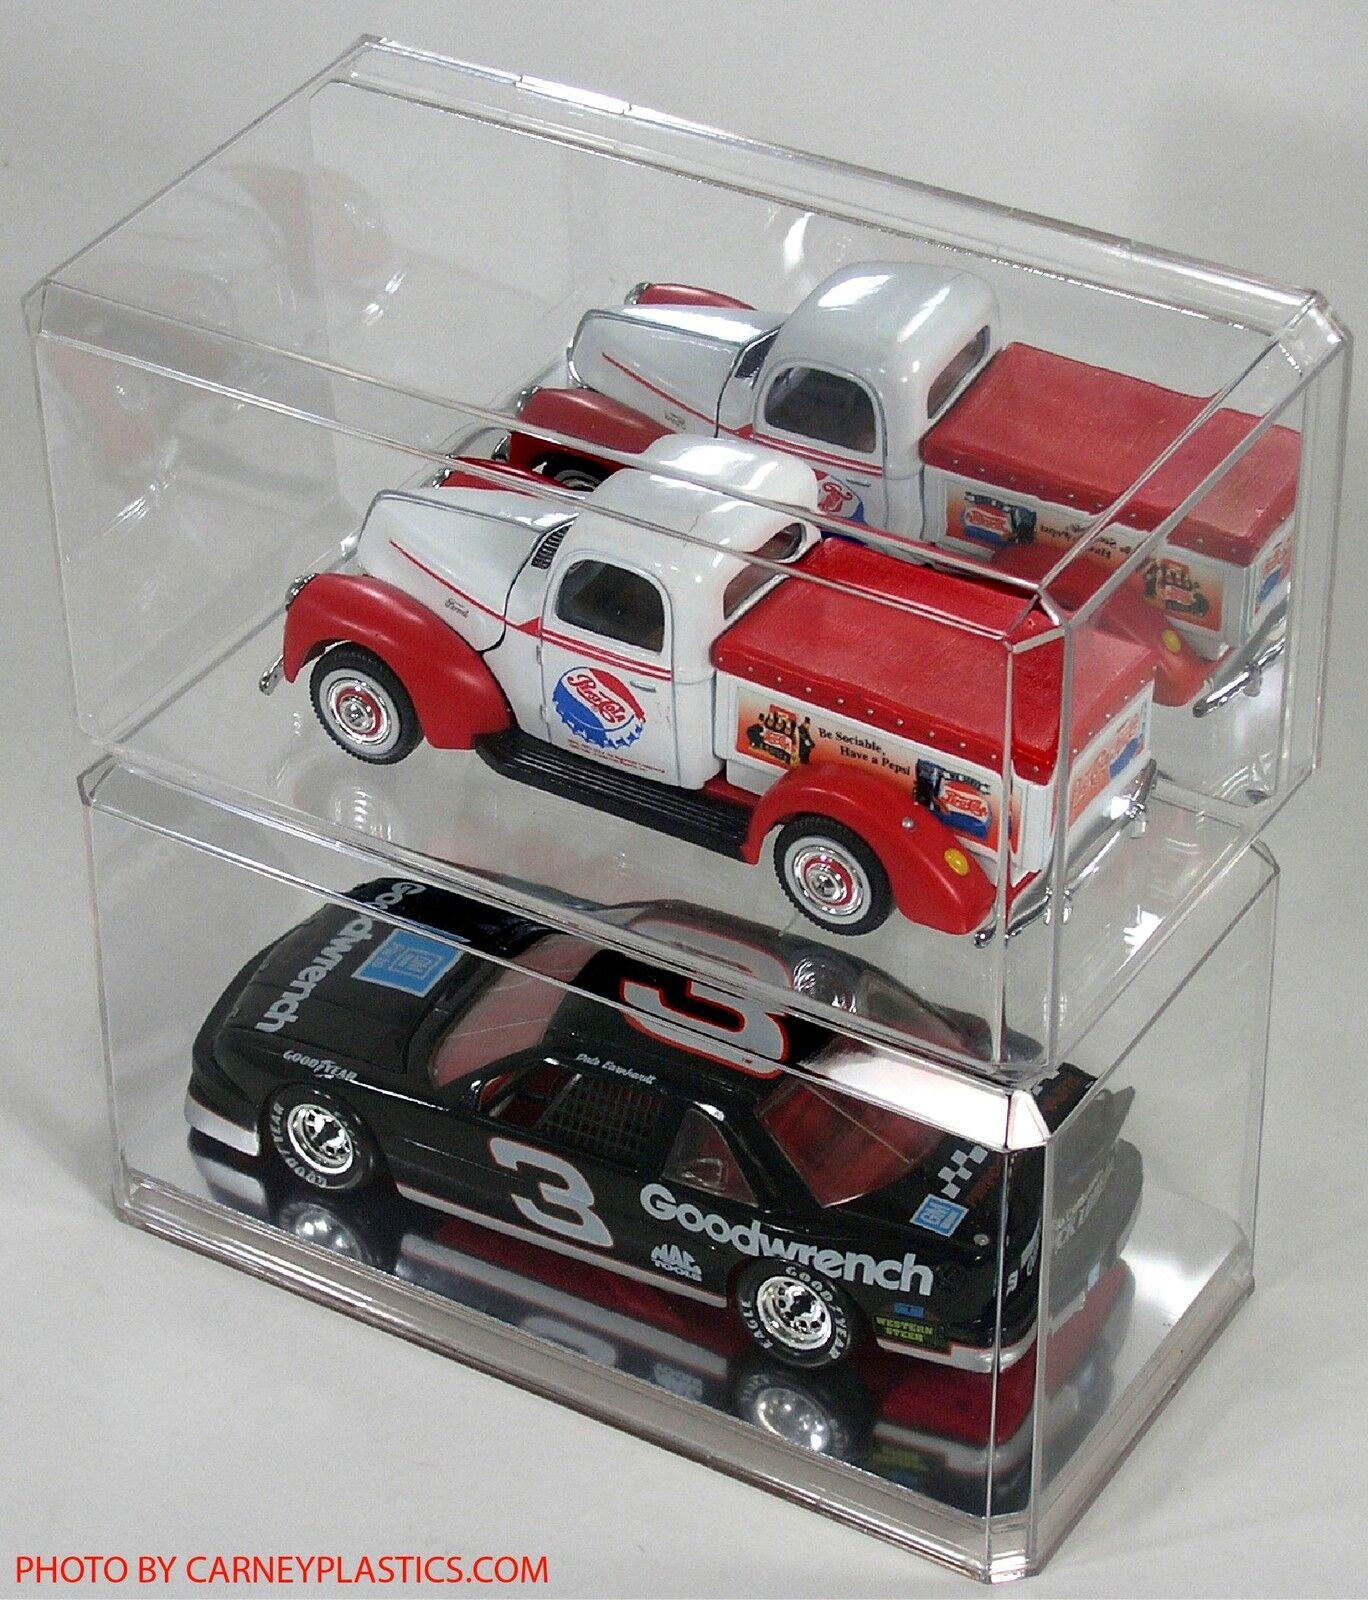 PLASTIC MODEL CAR Or Diecast Display Case 1:18 Diecast